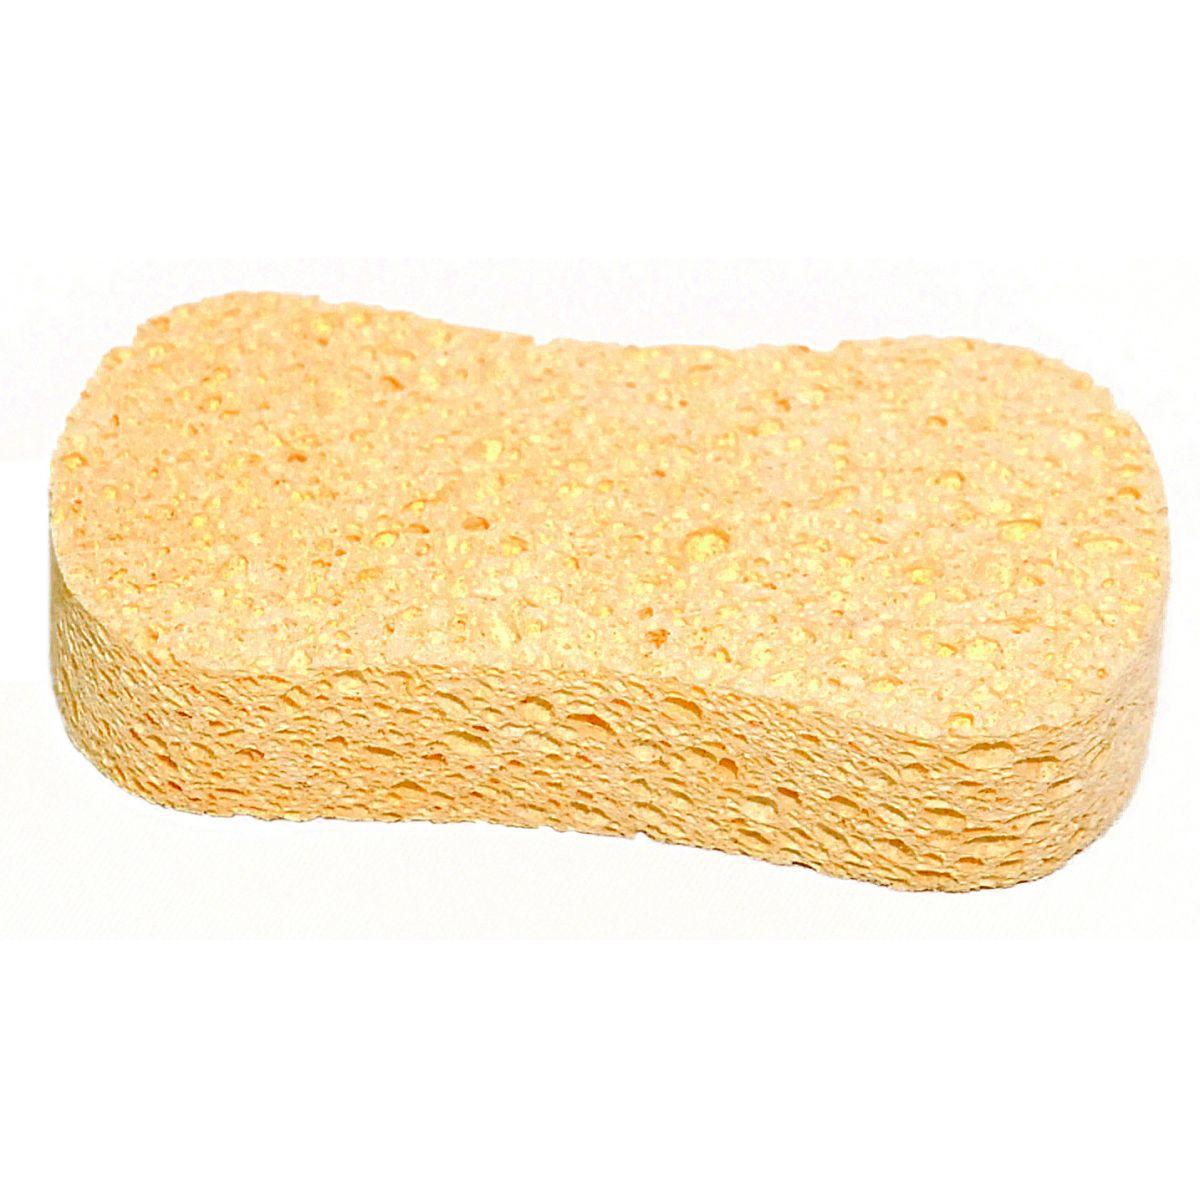 Esponja de Celulose Anat�mica Banho